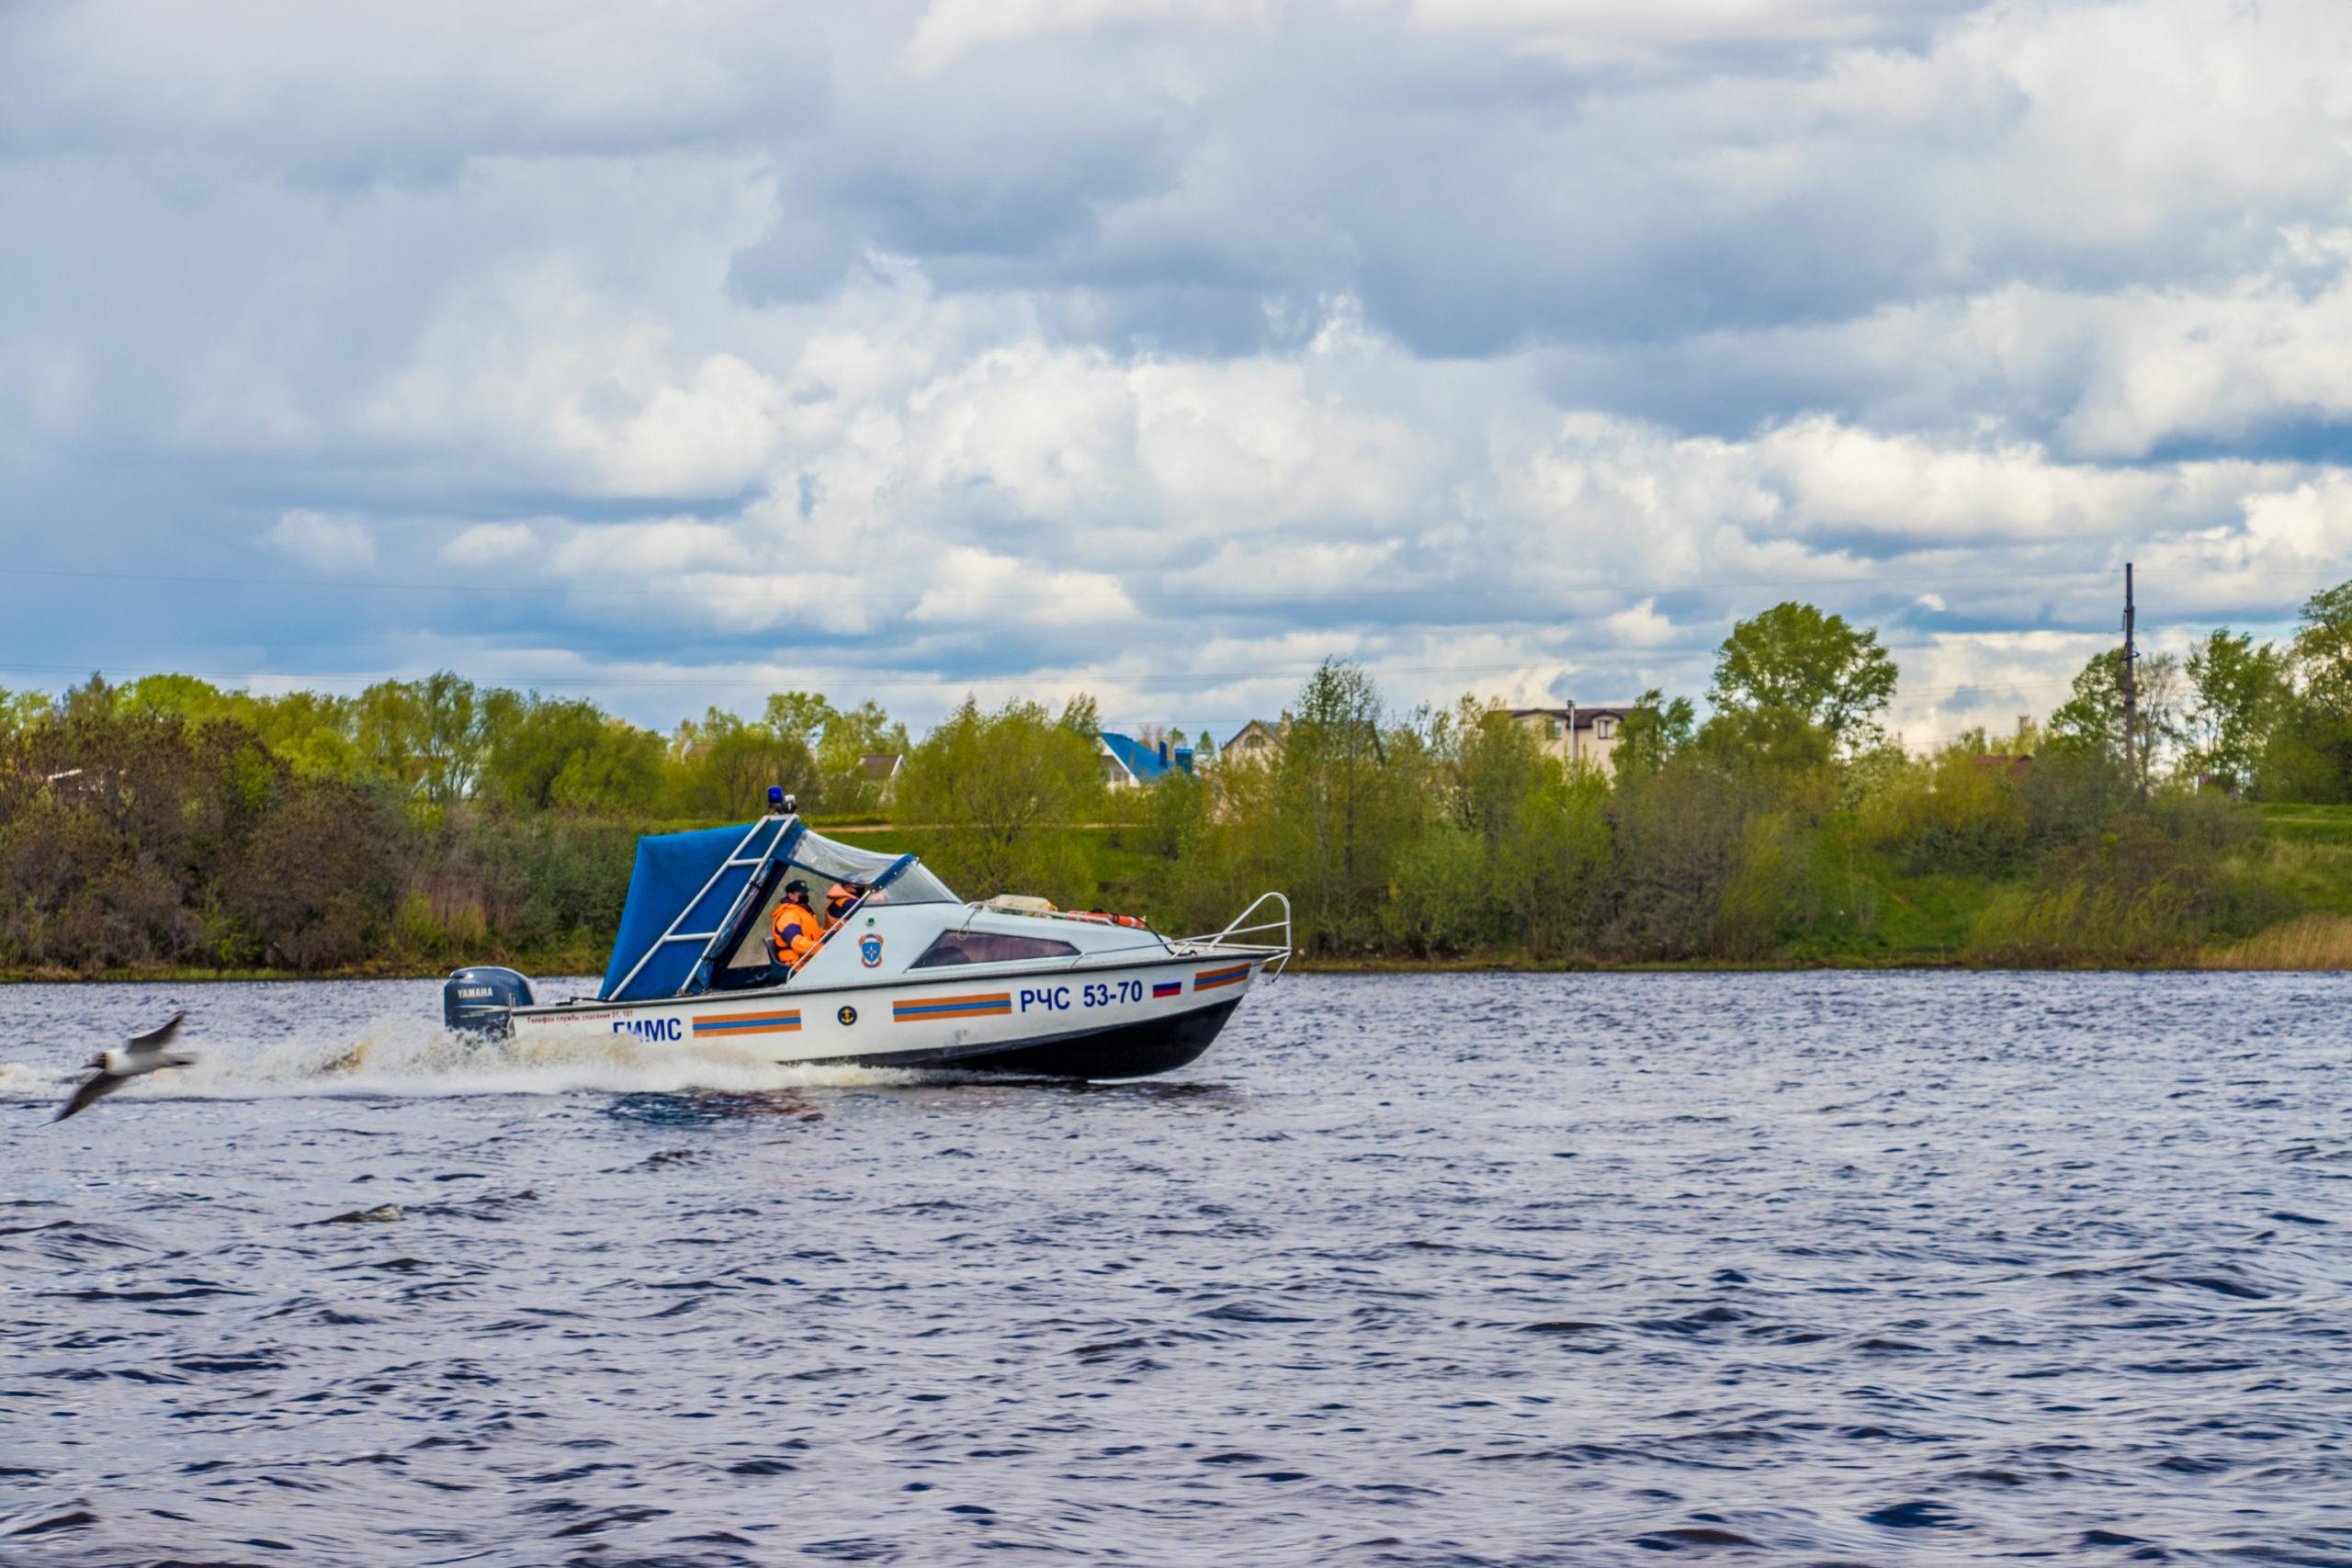 В Тверской области спасатели начали присматривать за людьми в лодках и на берегу